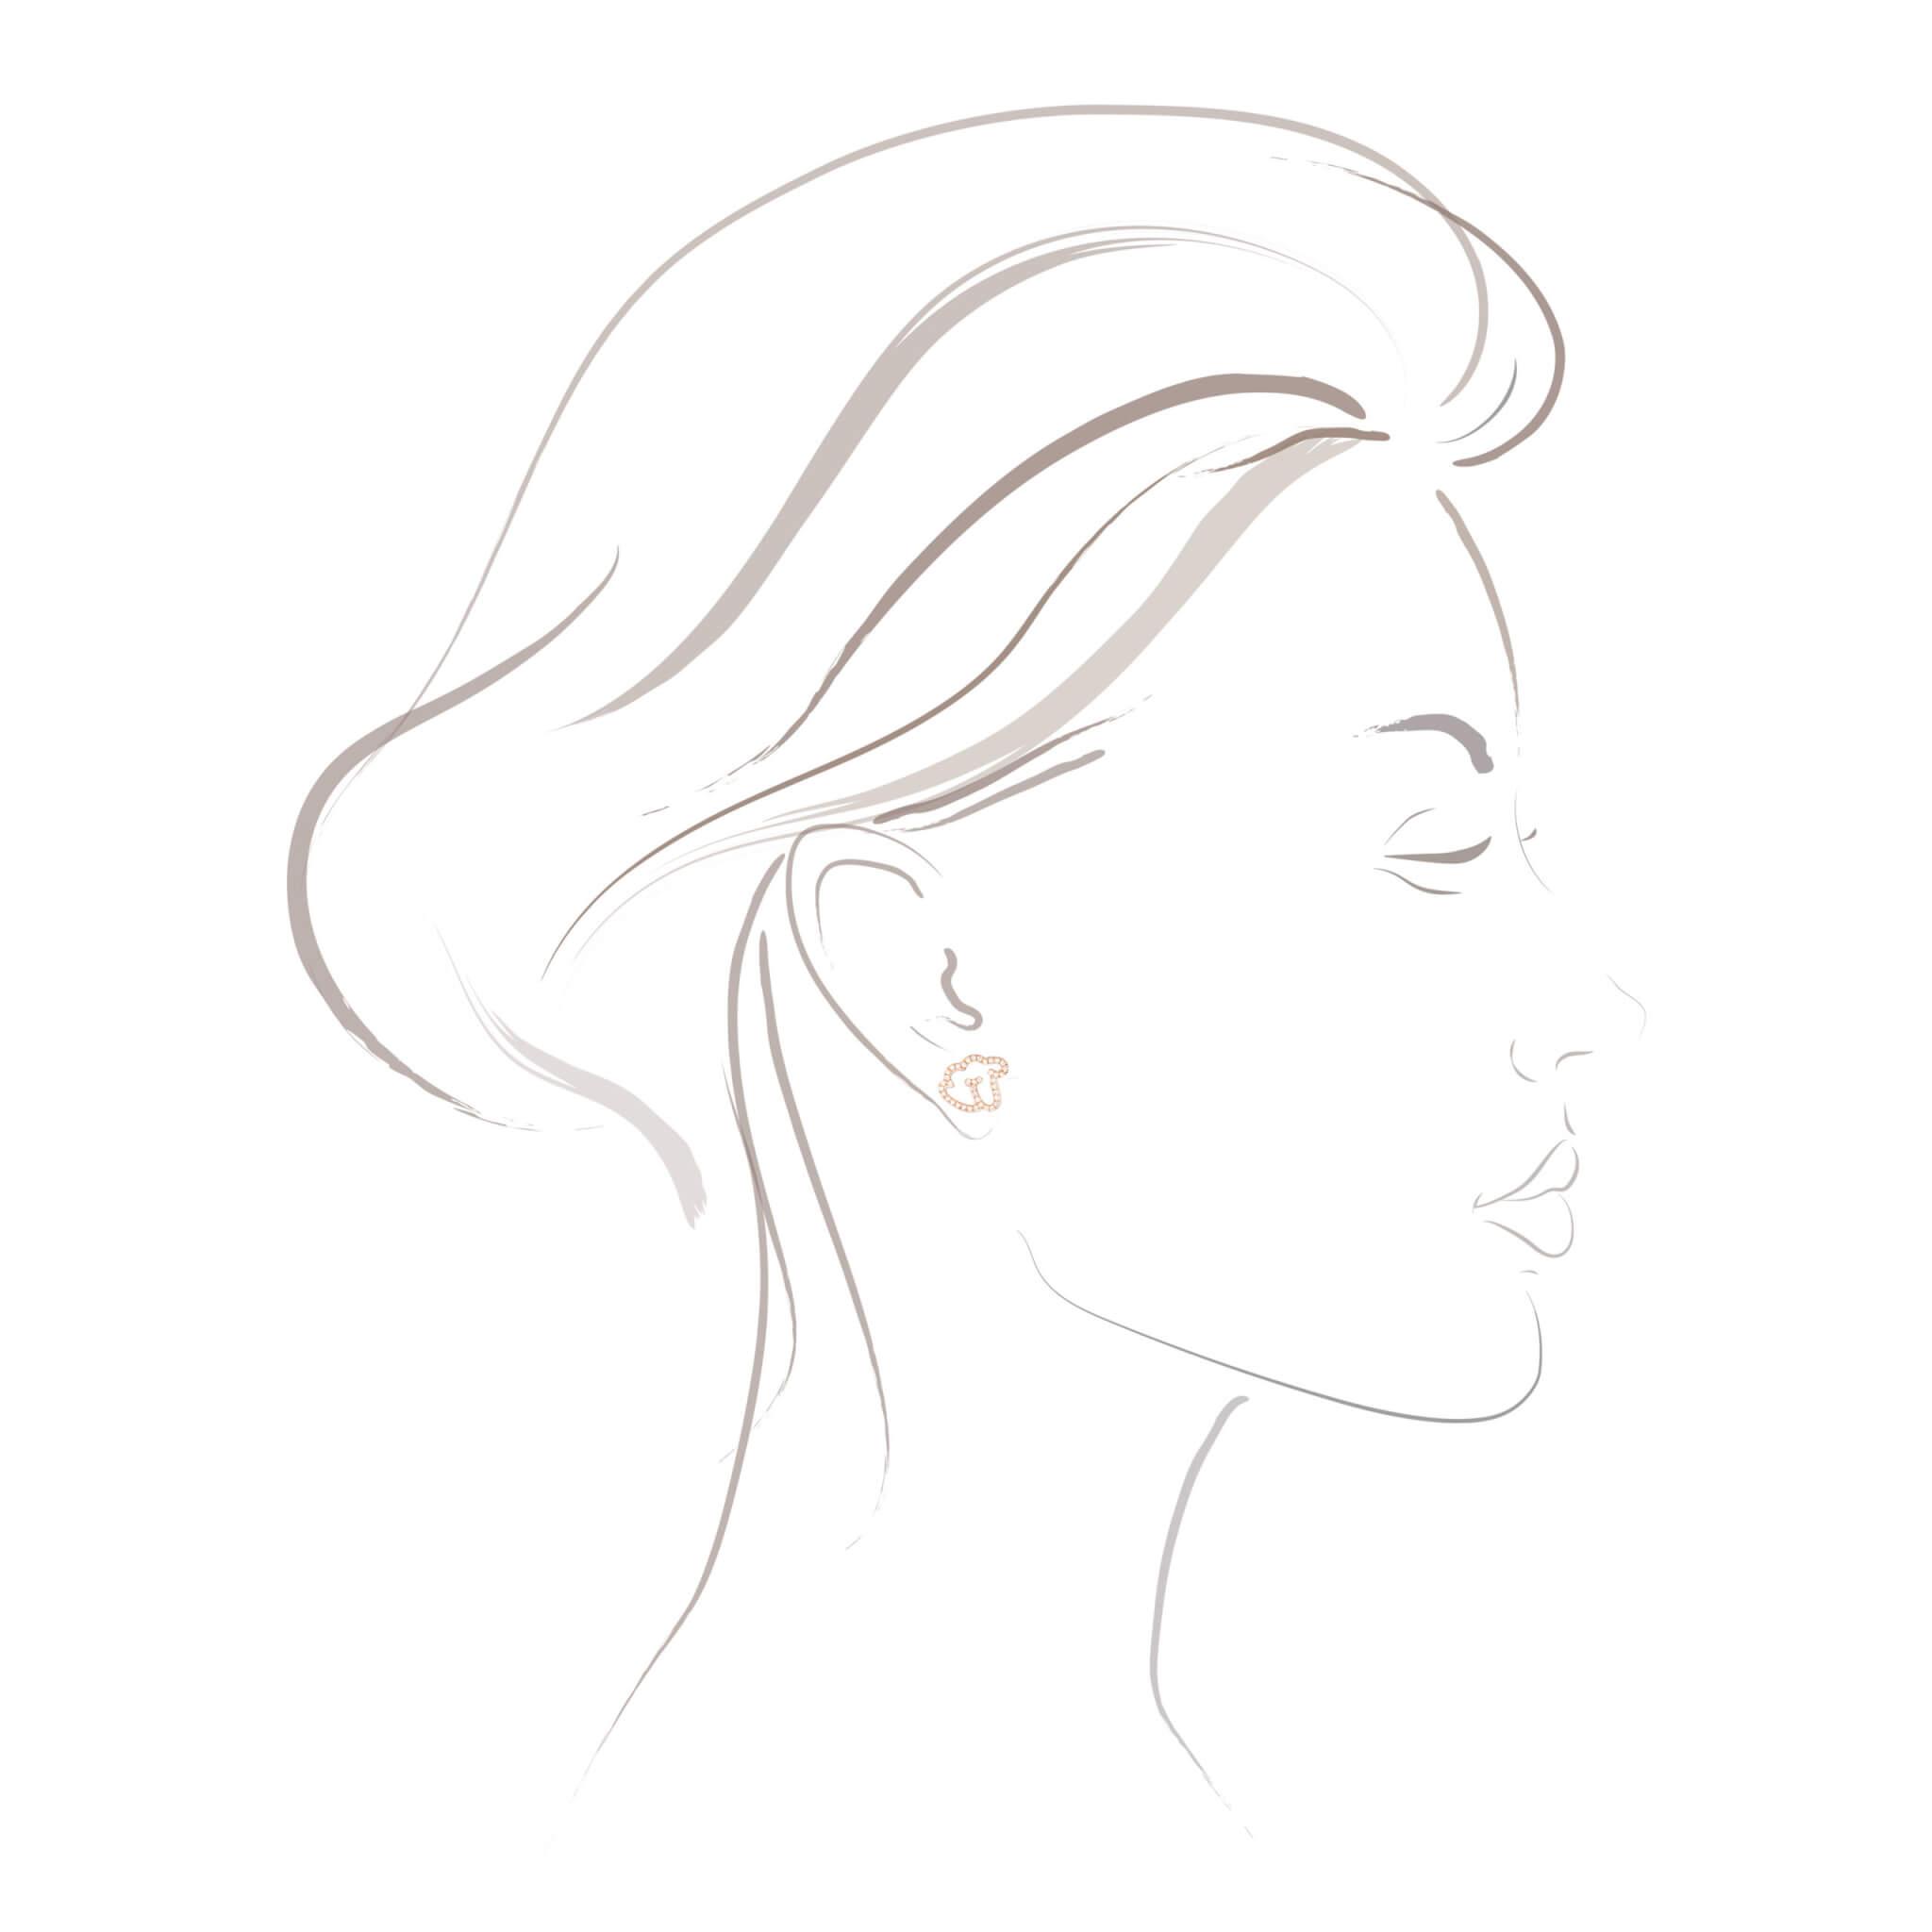 Empreinte boucle d'oreilles or jaune